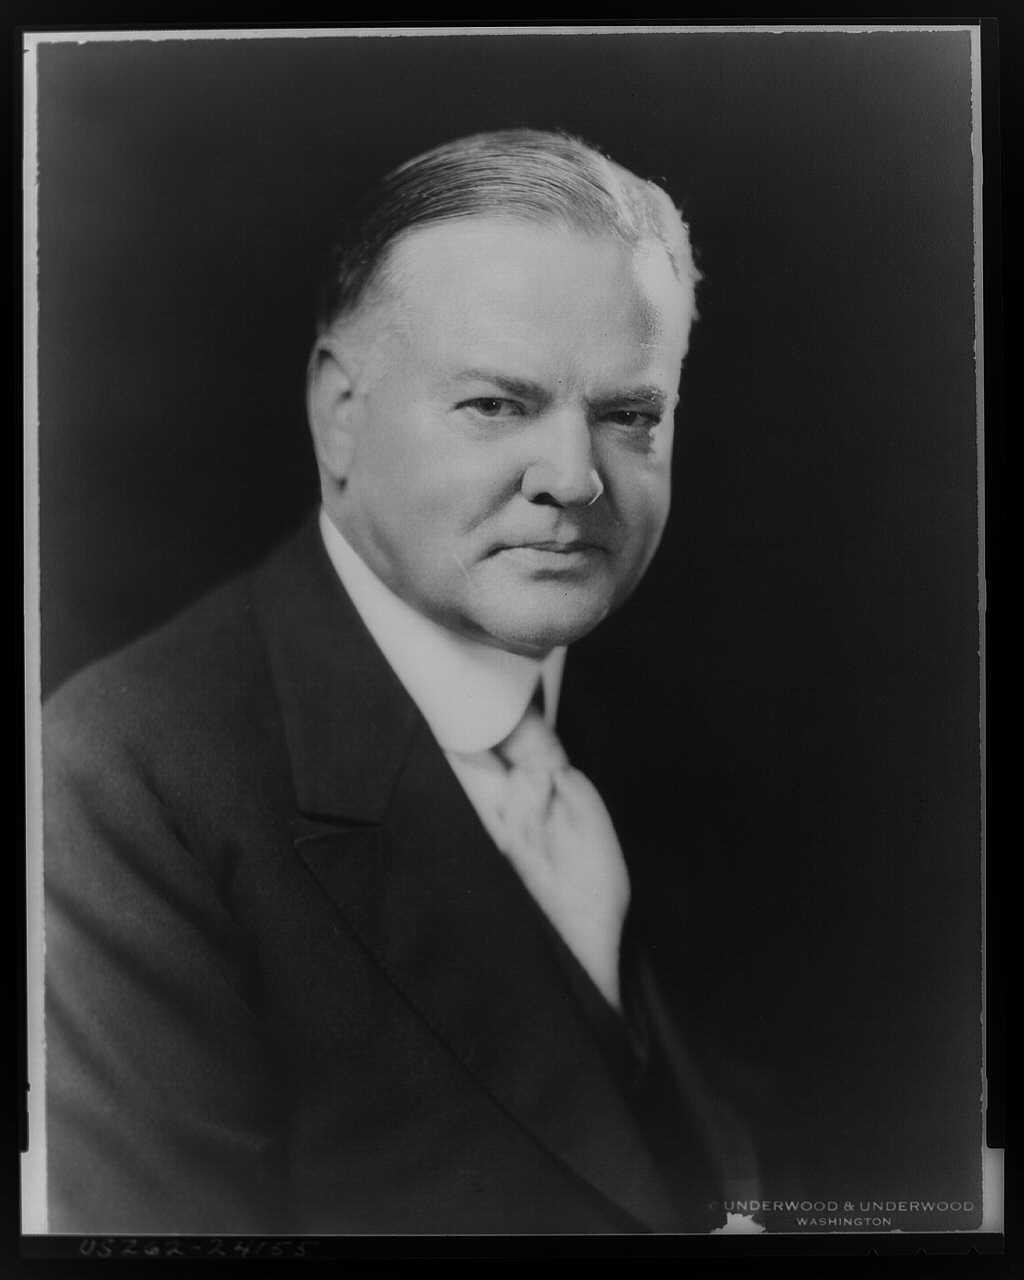 Herbert Hoover 31st U.S. President